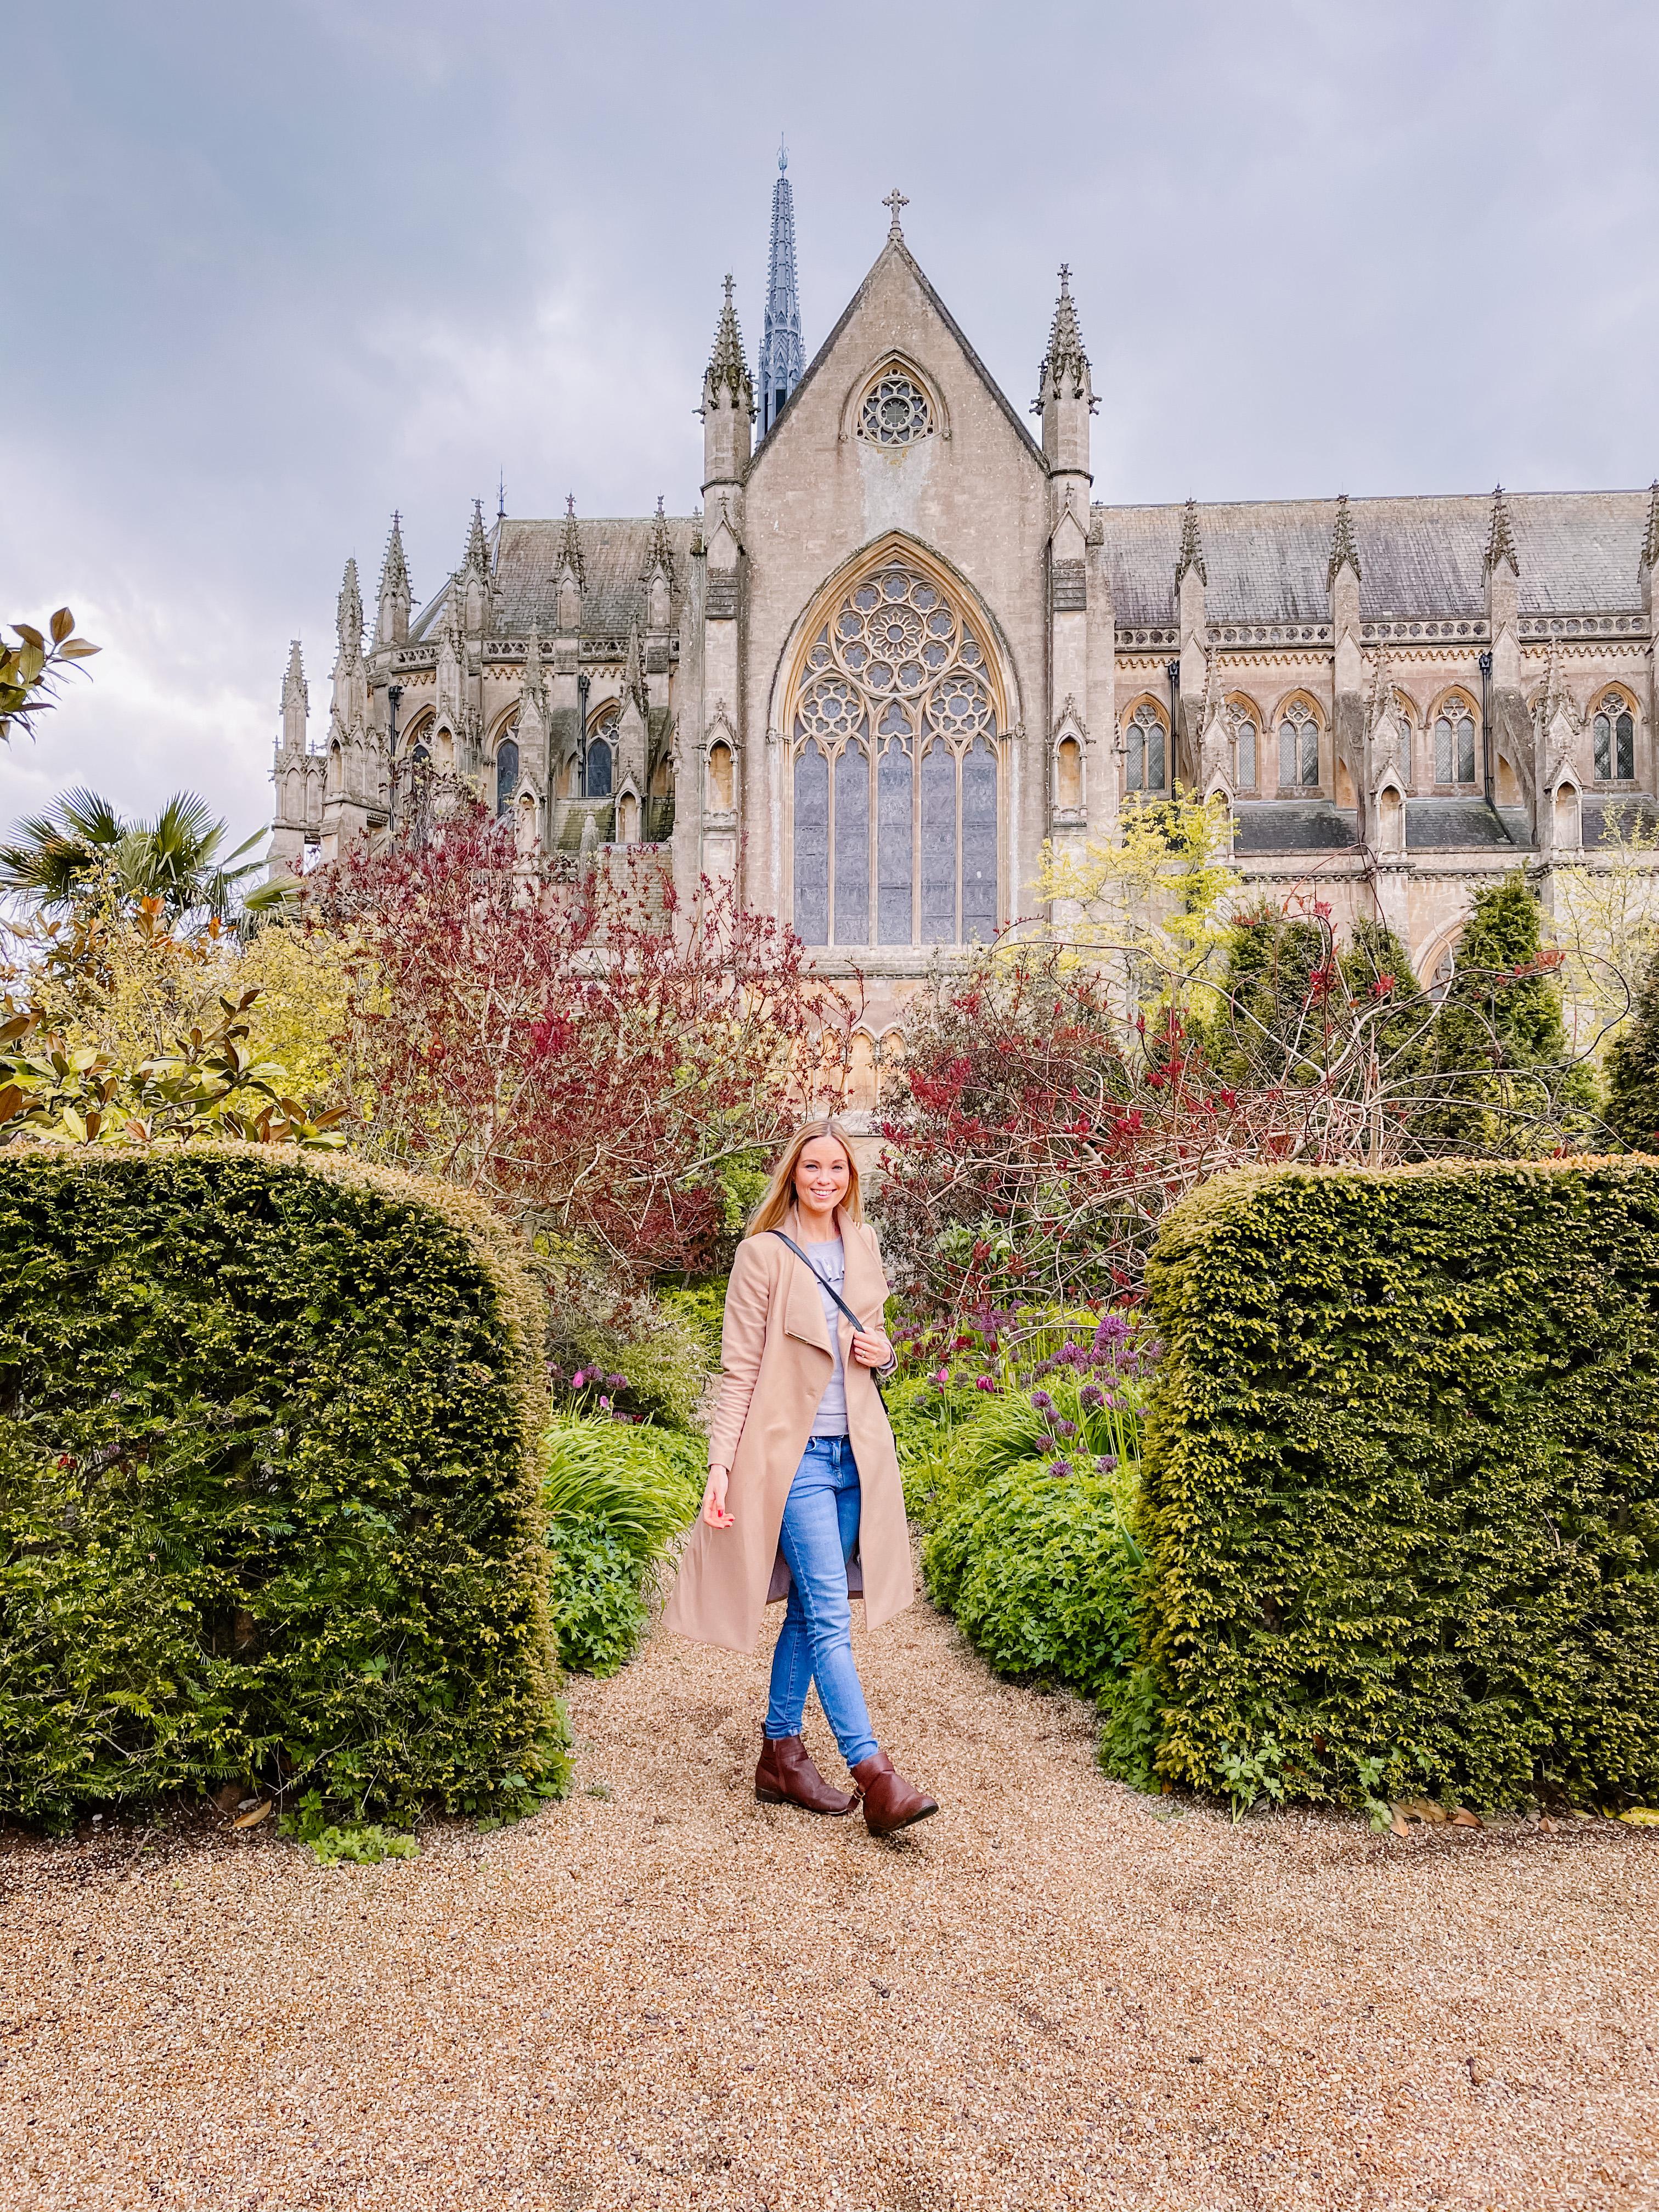 visiting arundel castle, arundel castle parking, arundel castle review, arundel castle facilities